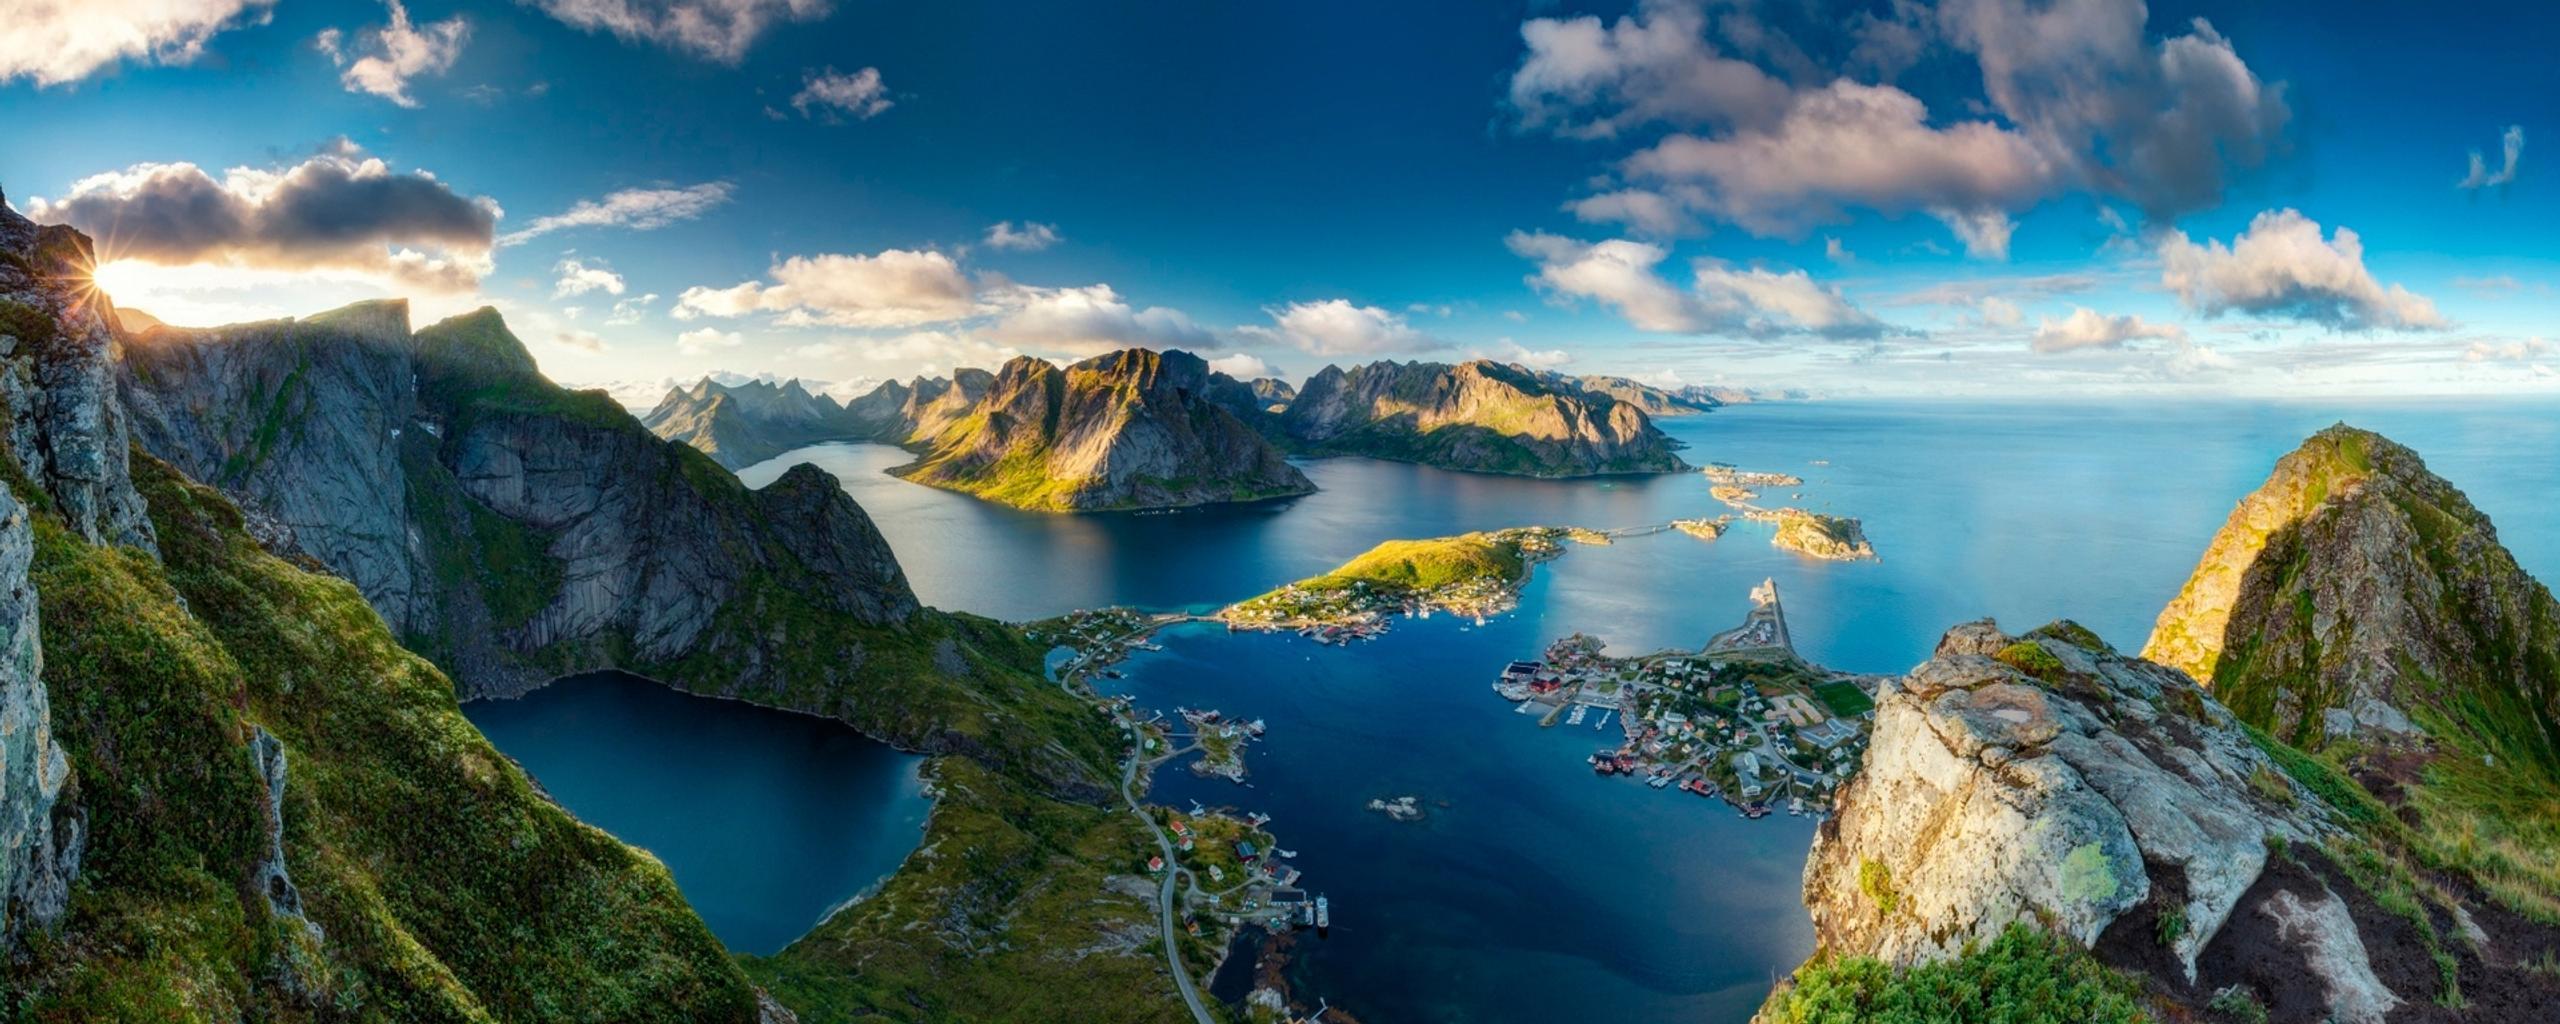 Reinebringen Norway Stunning Landscape Wallpaper